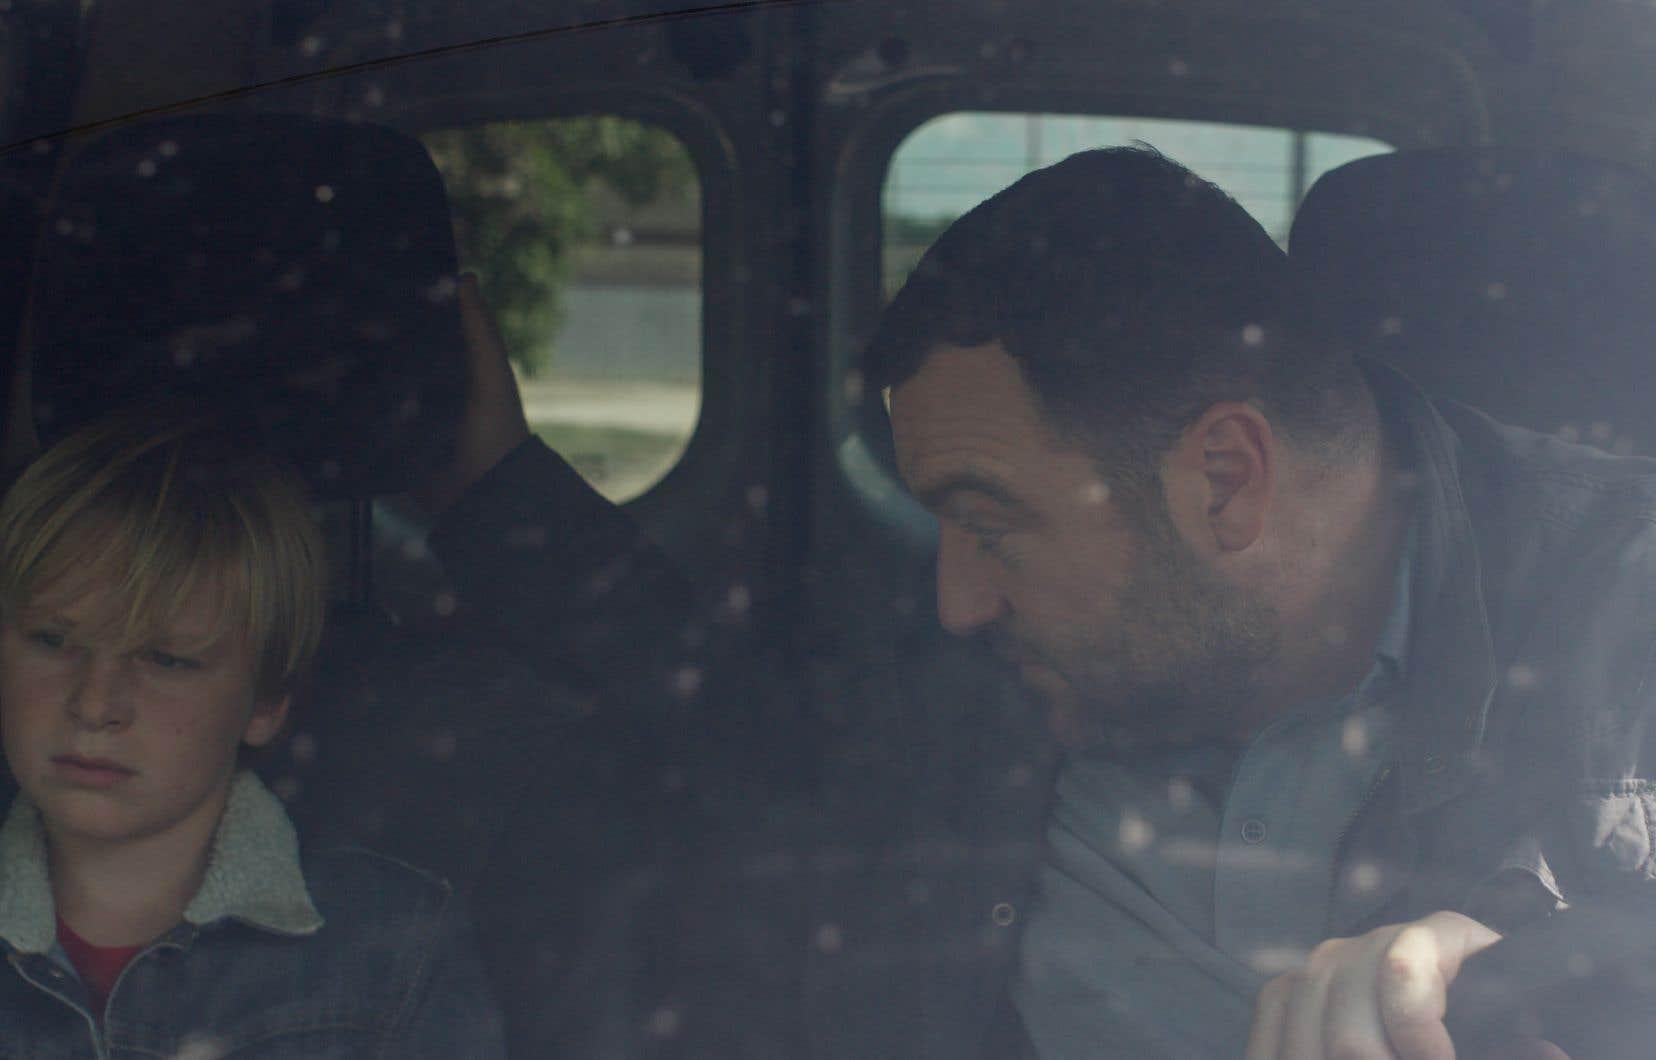 Le film de Xavier Legrand déconstruit les «a priori» d'une relation complexe entre un garçon et son père.